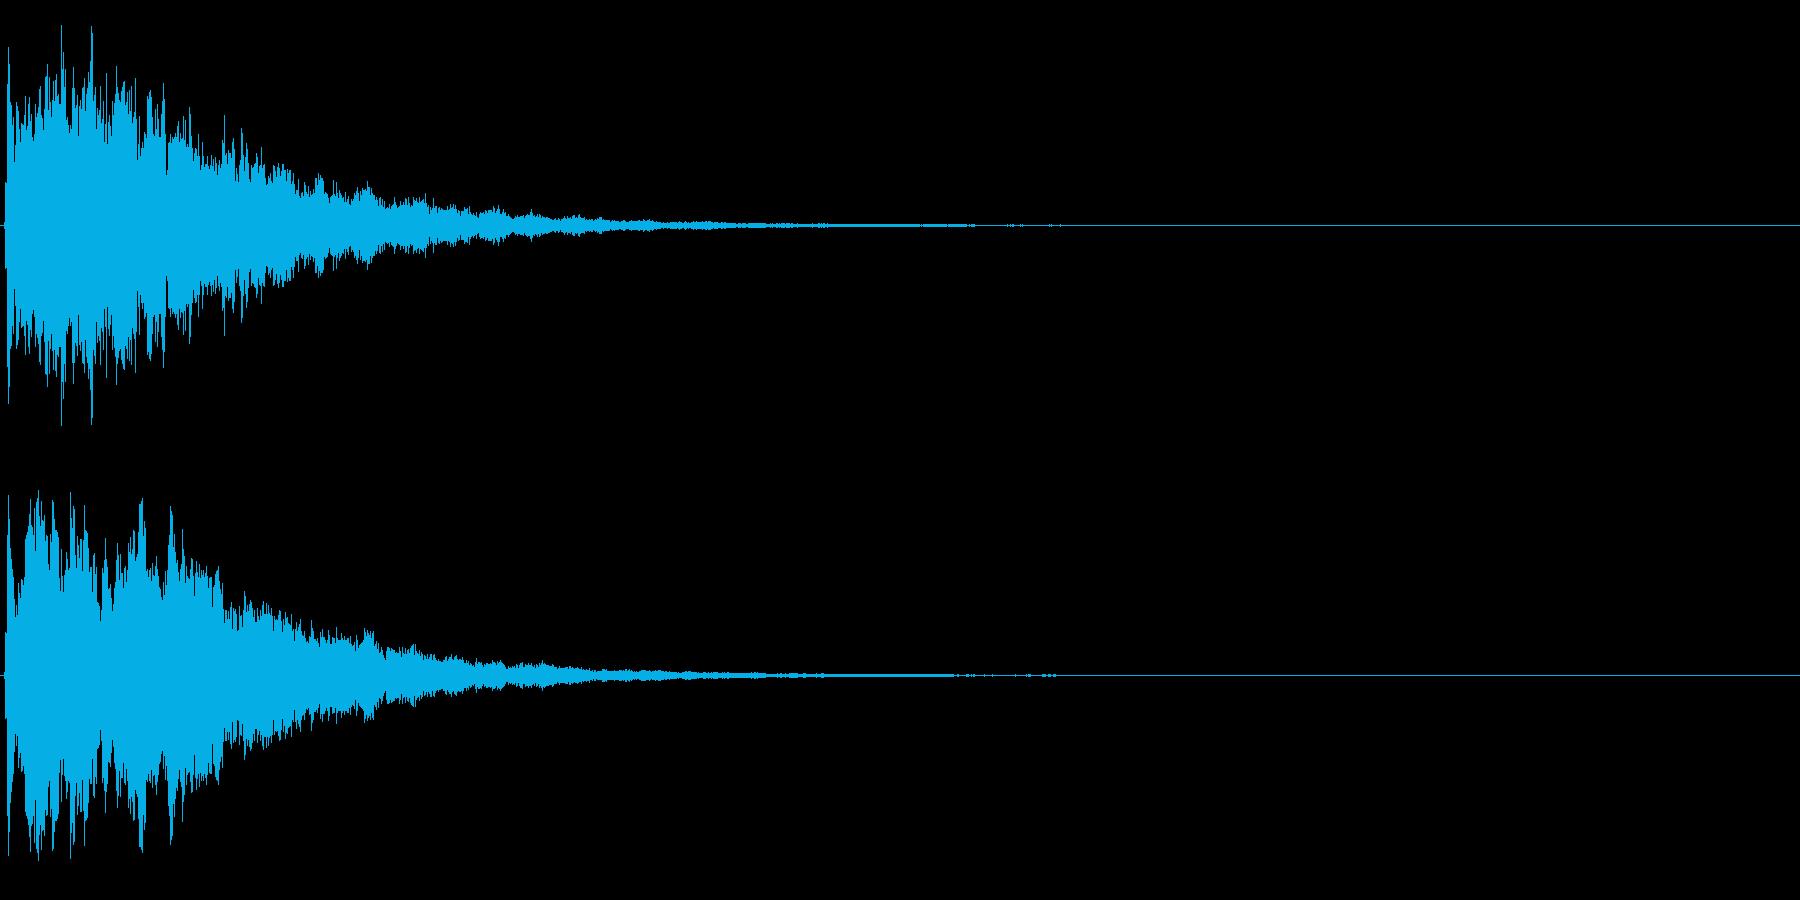 ゲームスタート、決定、ボタン音-018の再生済みの波形